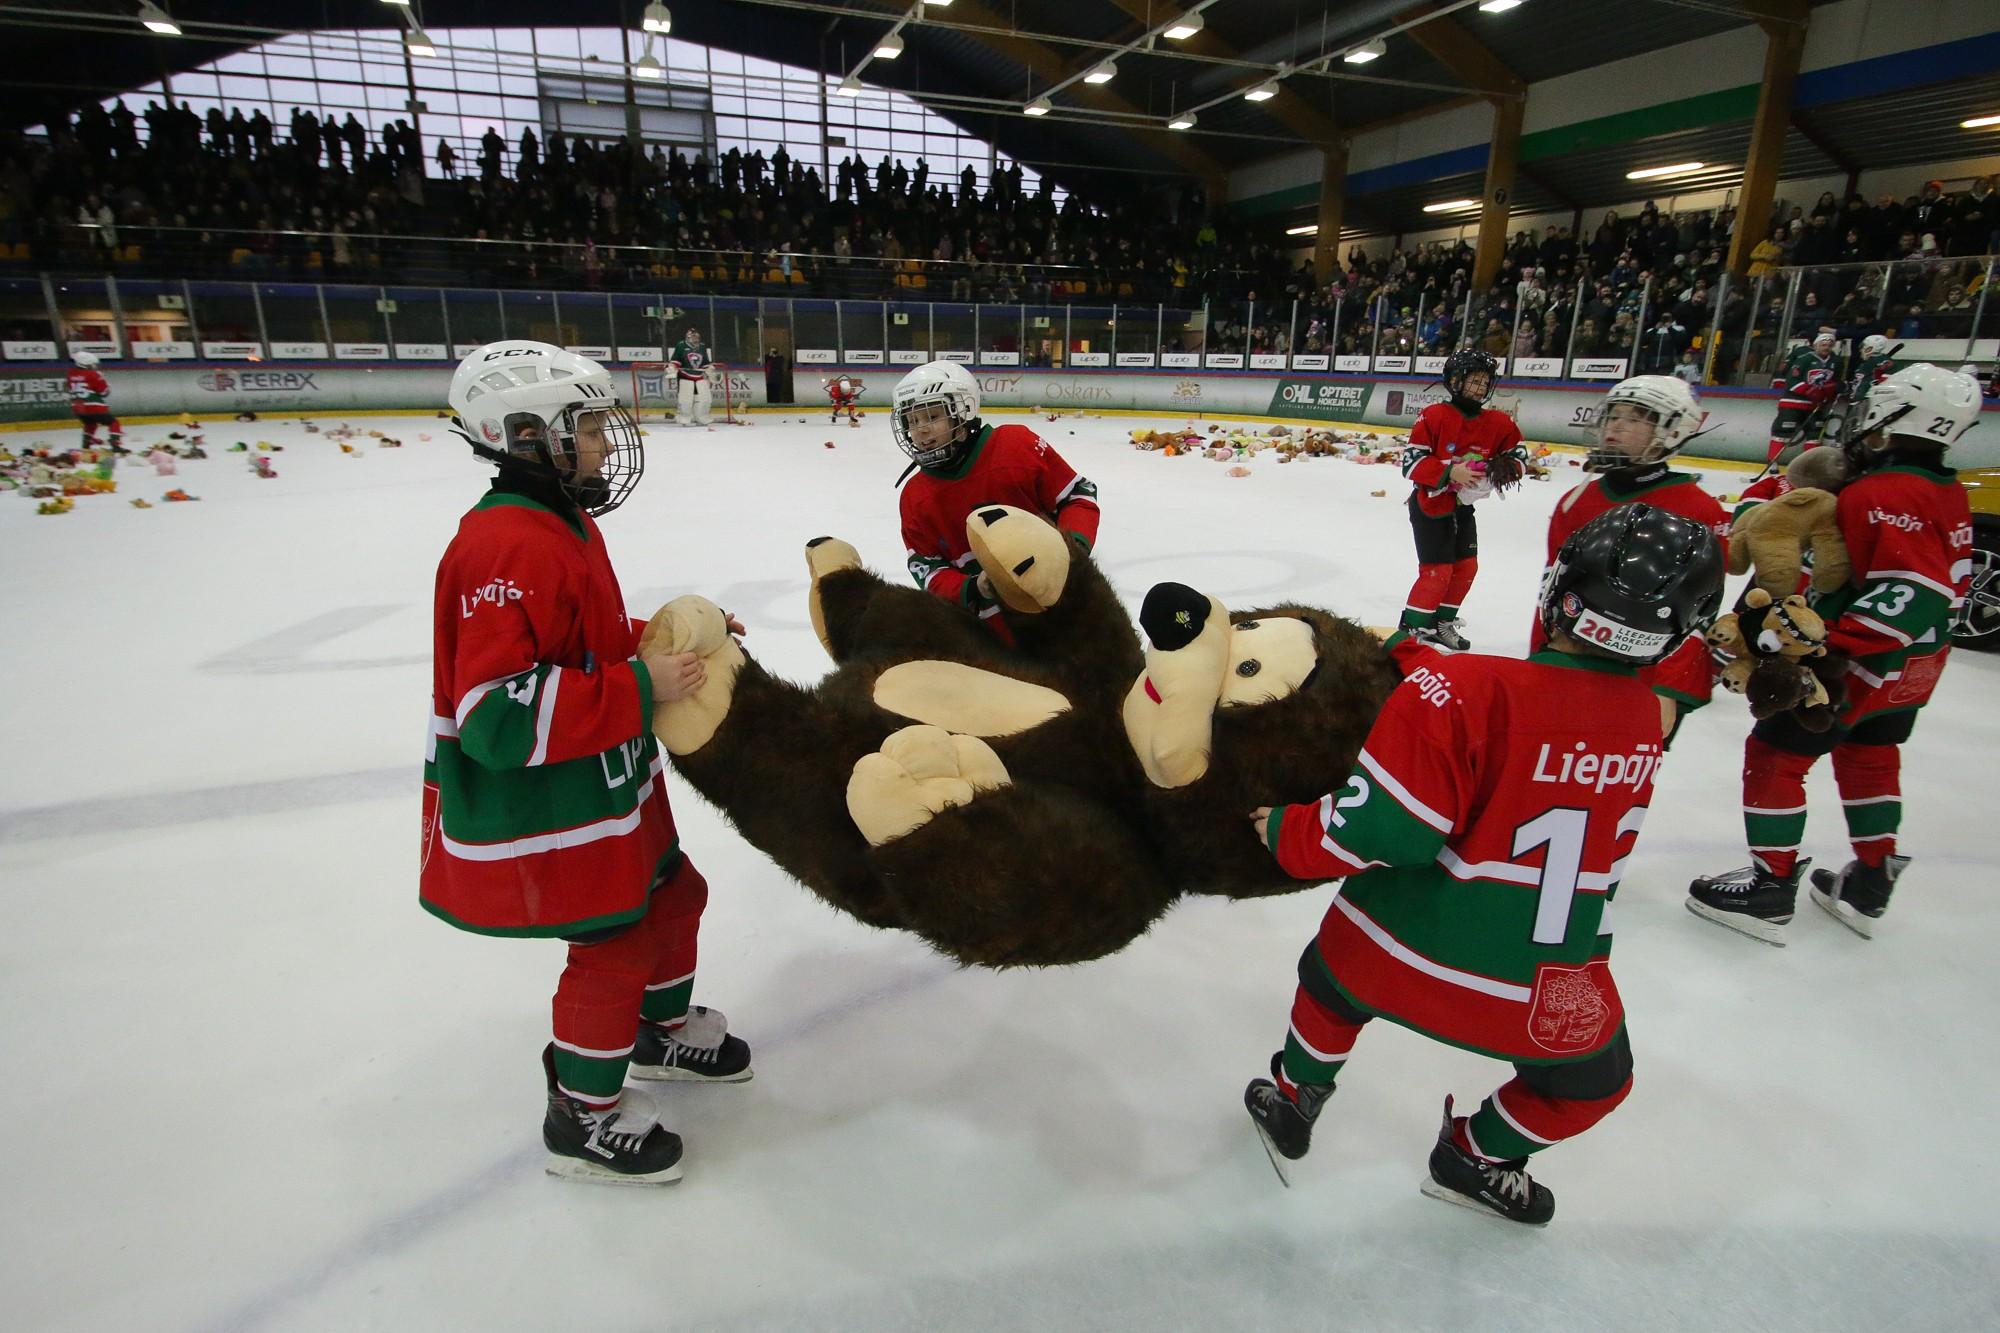 «Лиепая» одолела команду «Курбадс». На лед полетели игрушки